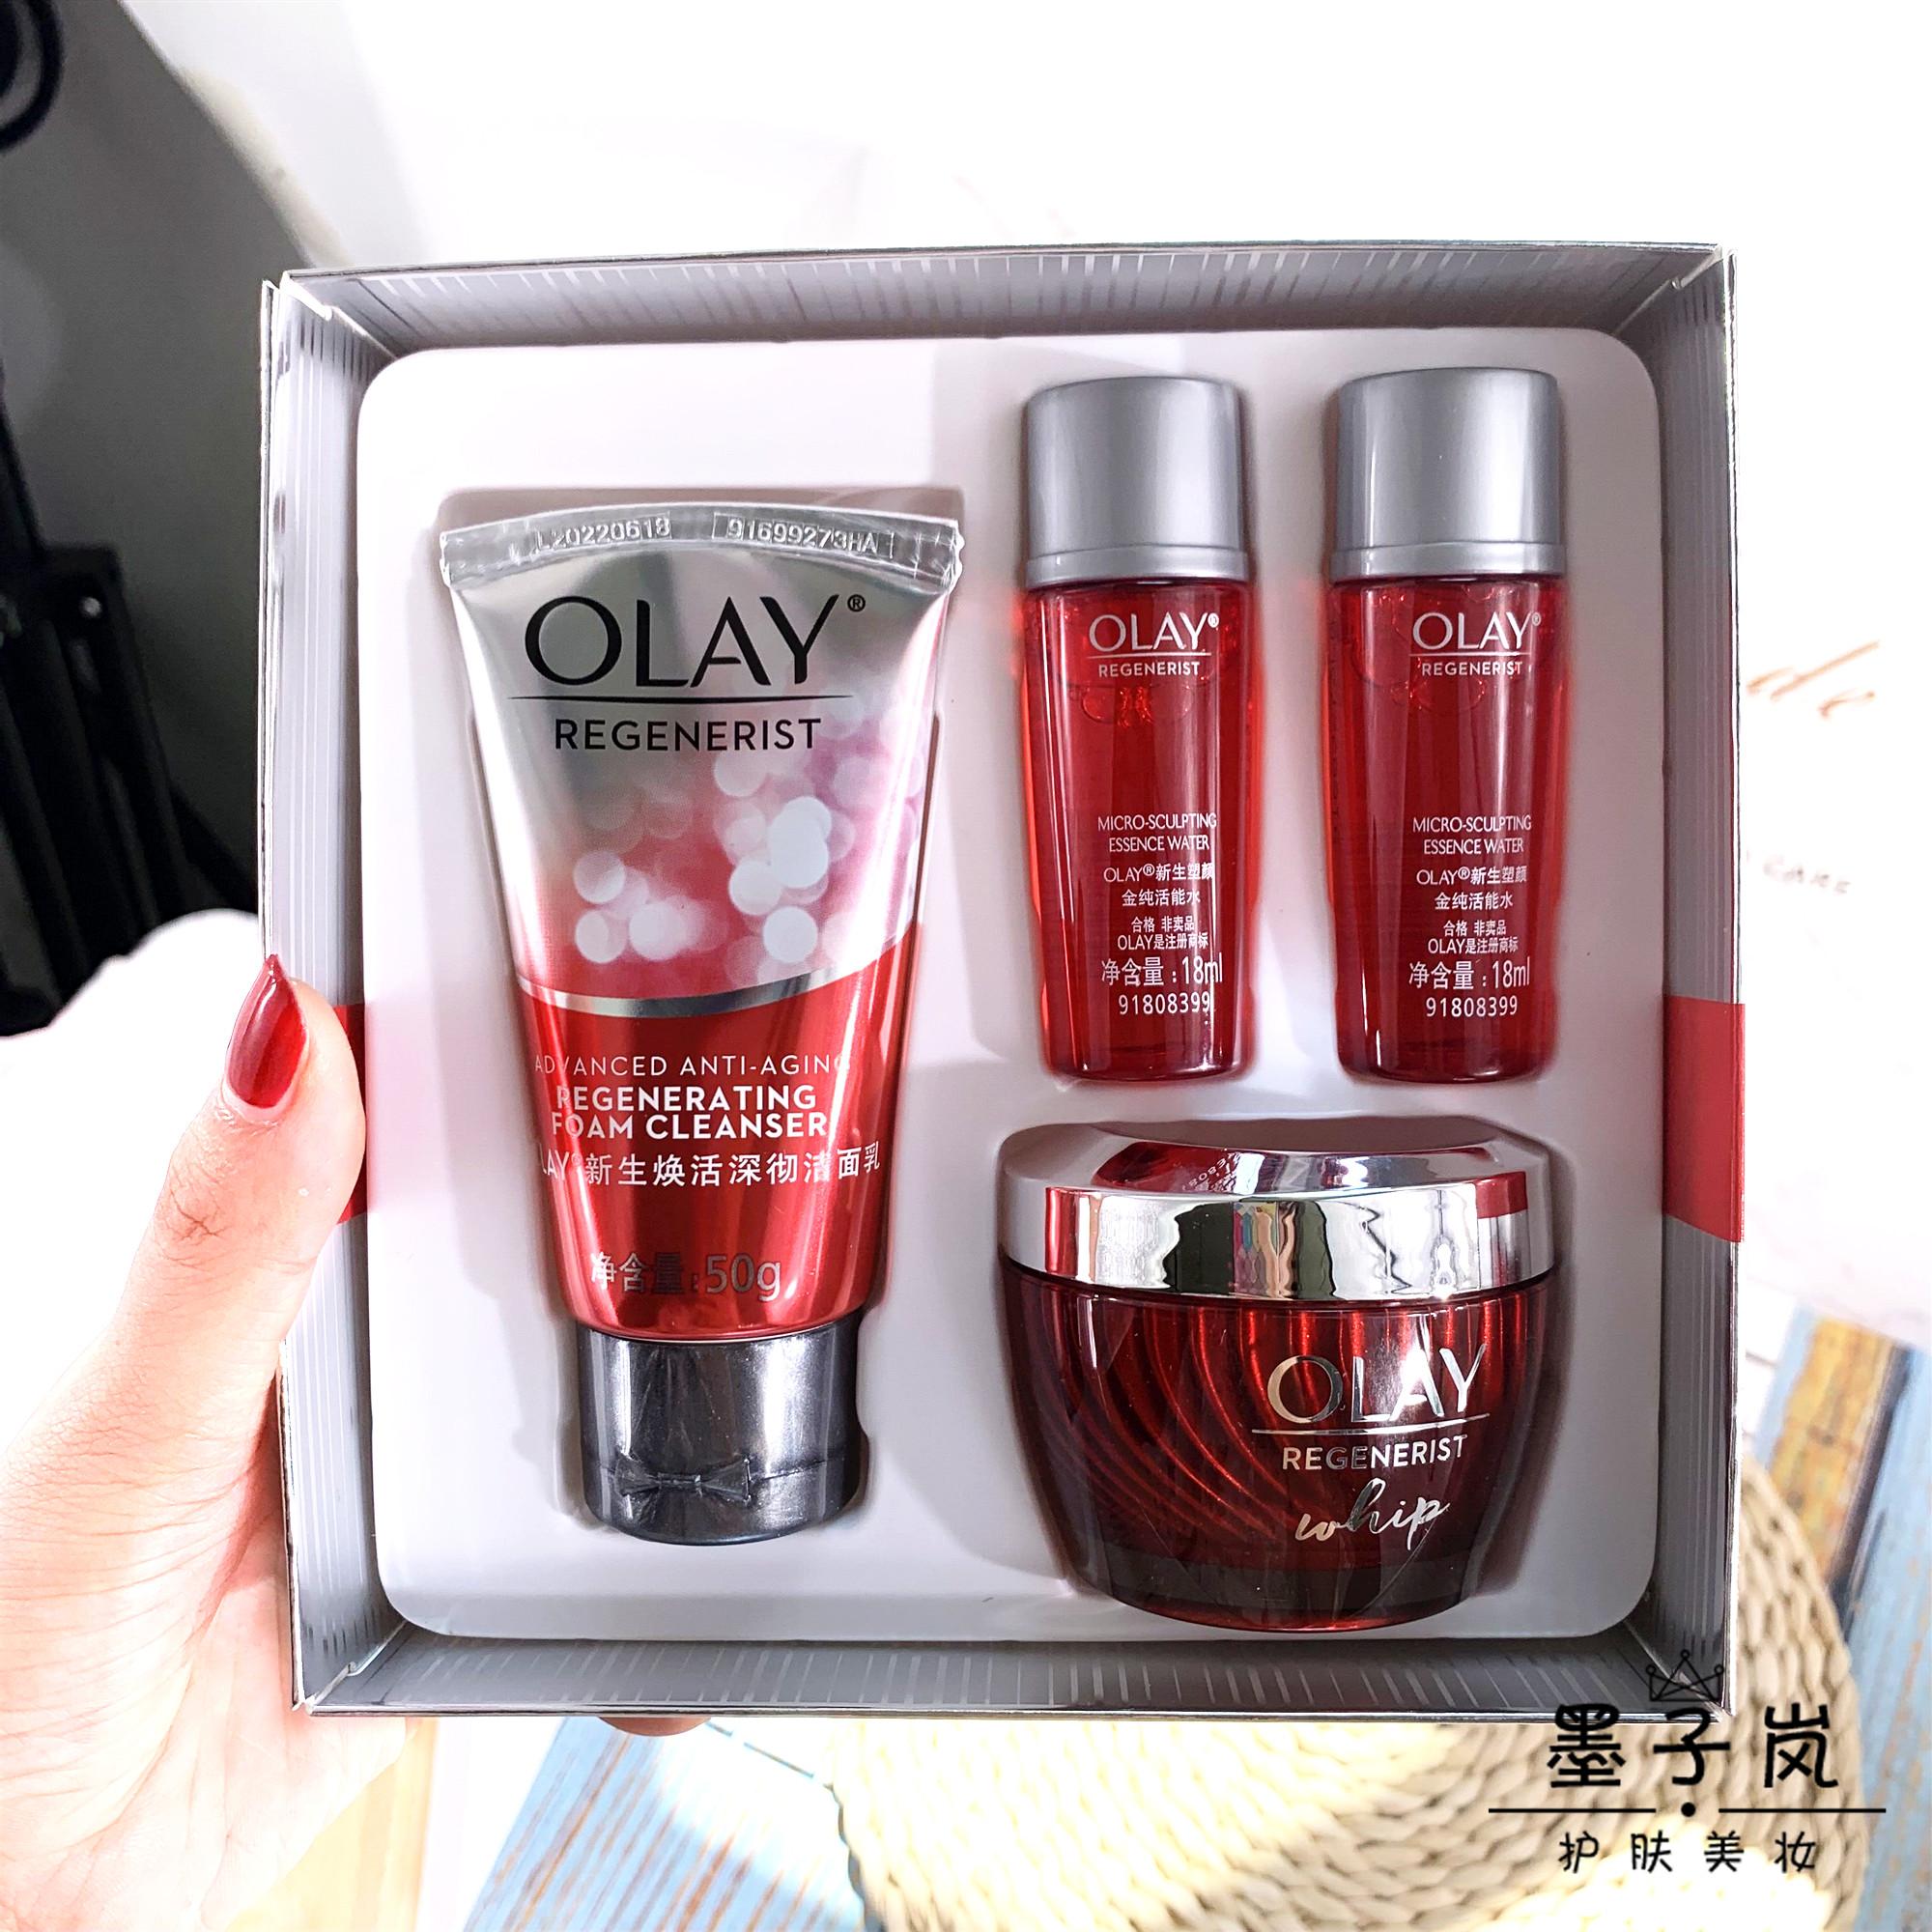 专柜套盒OLAY玉兰油空气霜 水感透白/新生塑颜空气凝霜50g大红瓶